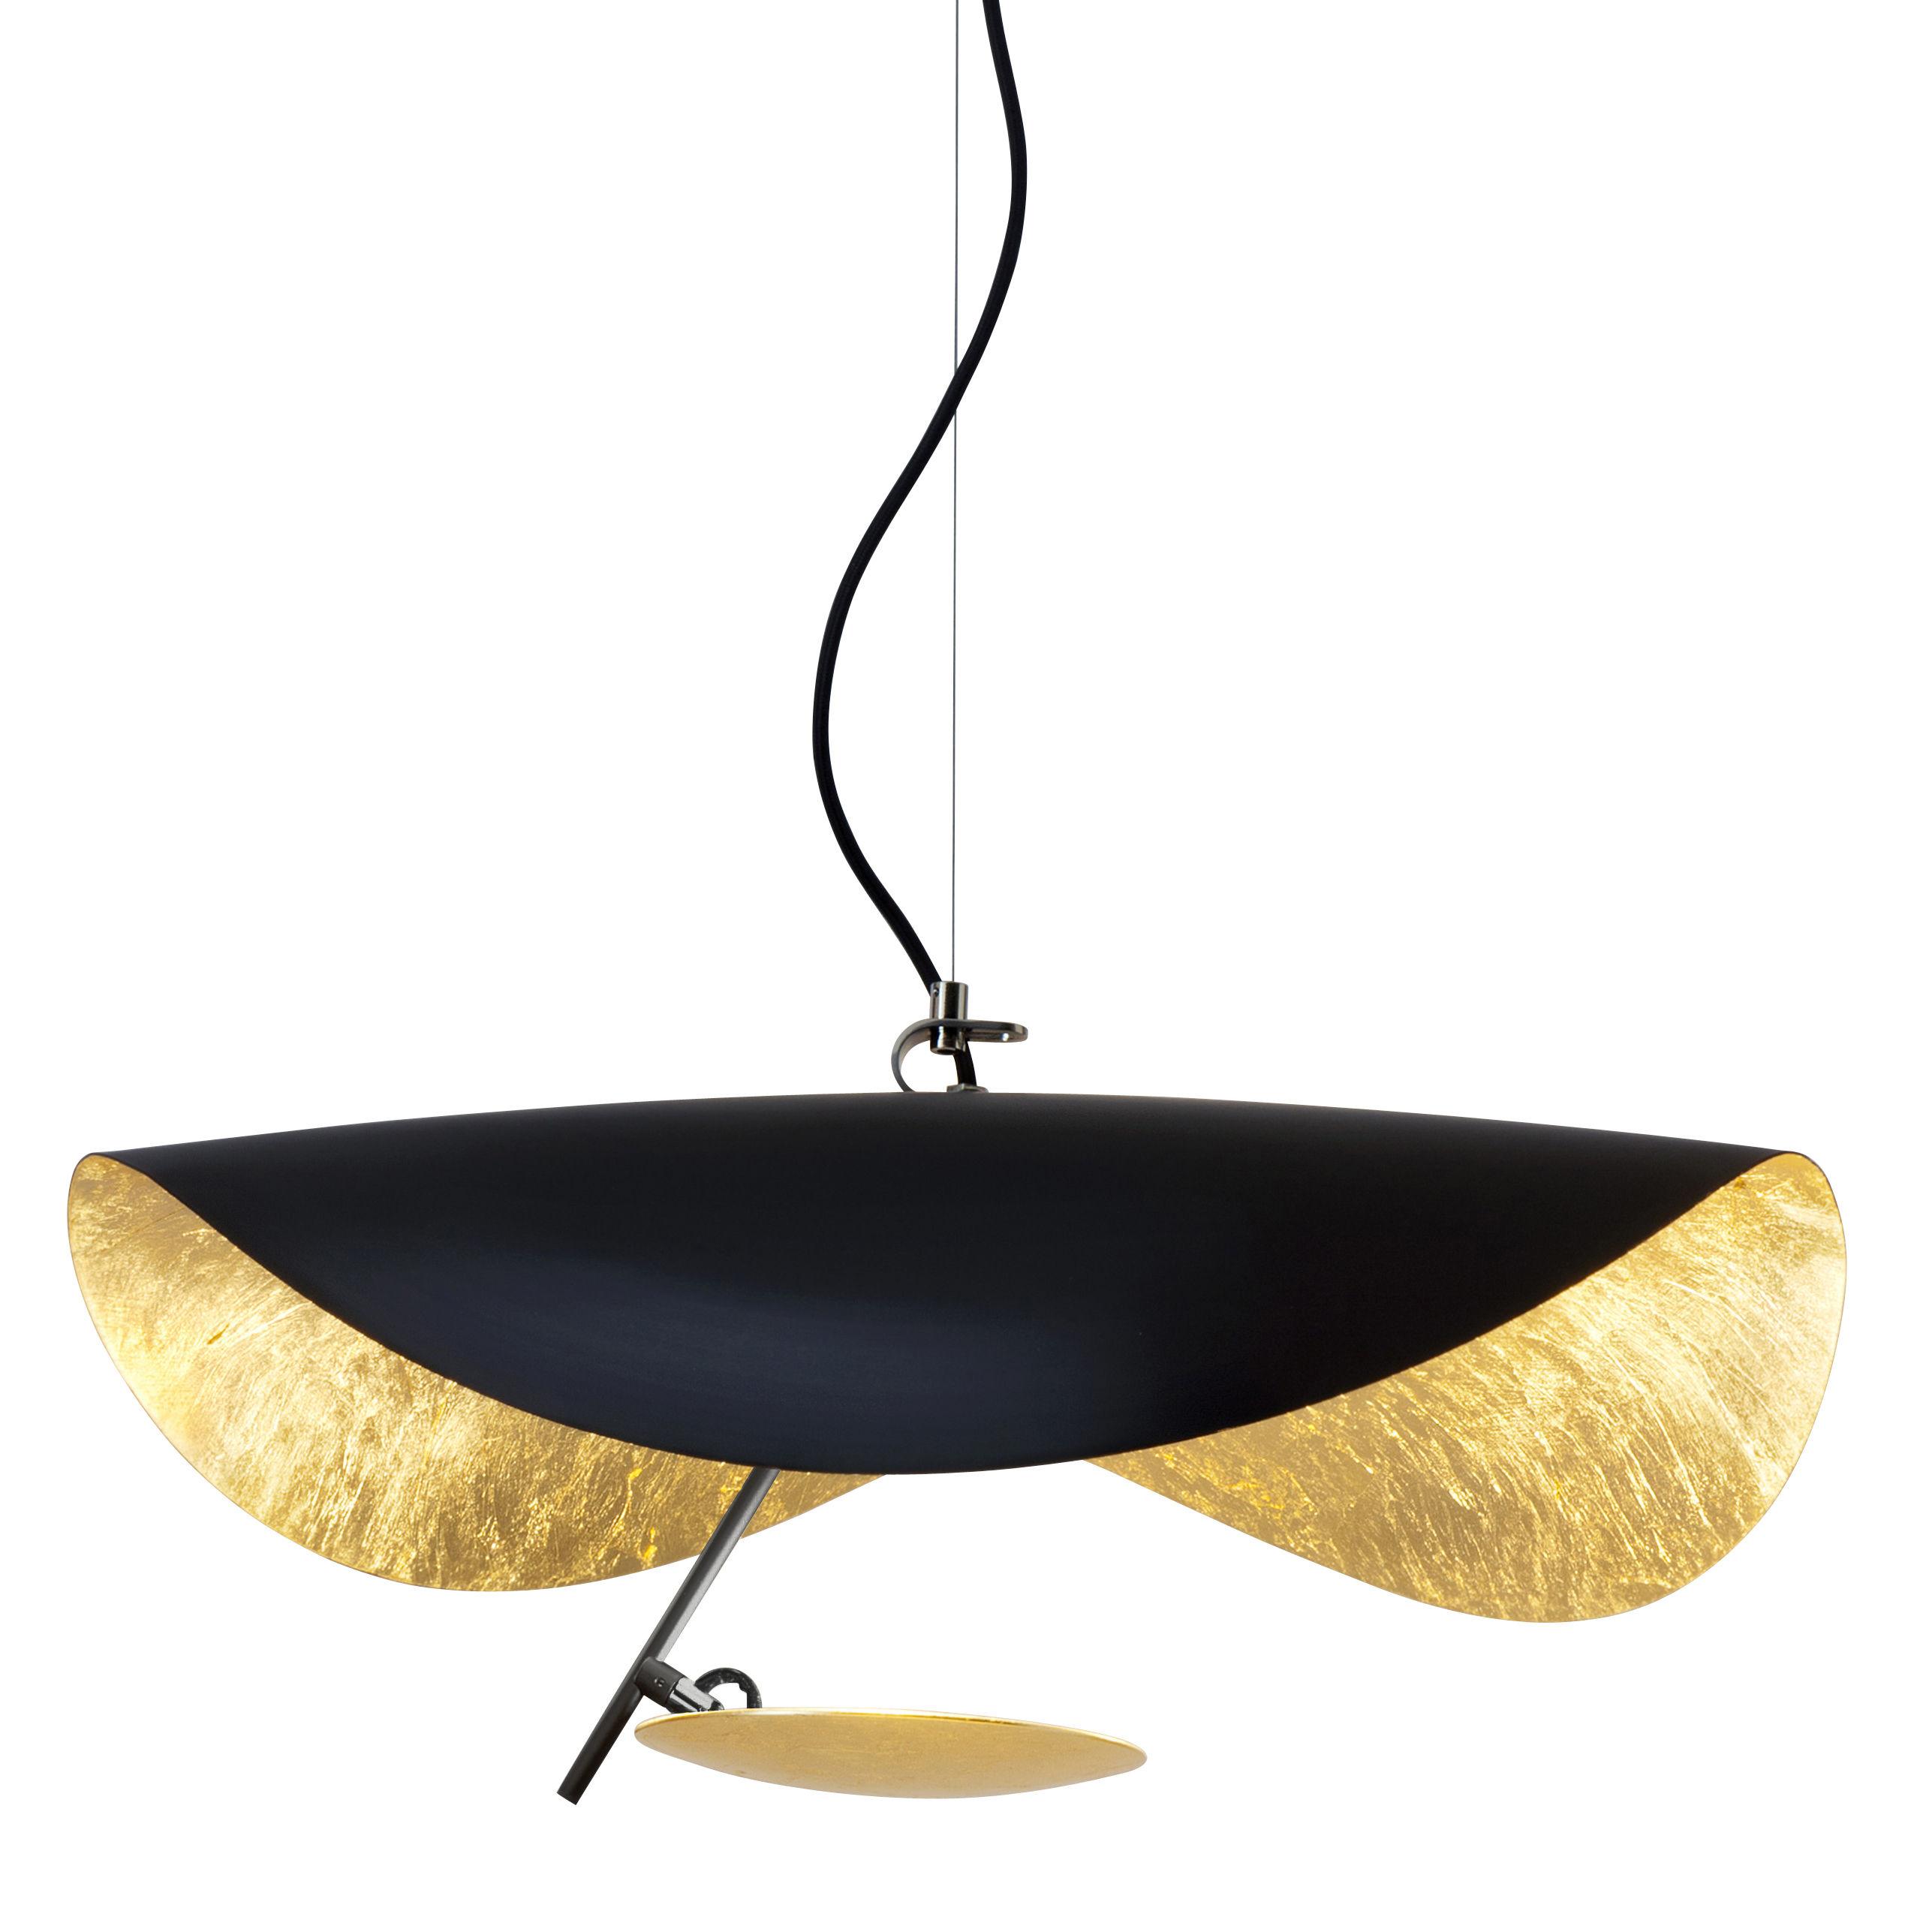 Luminaire - Suspensions - Suspension Lederam Manta S1 / LED - Ø 60 cm - Catellani & Smith - Or & noir - Aluminium, Feuille d'or